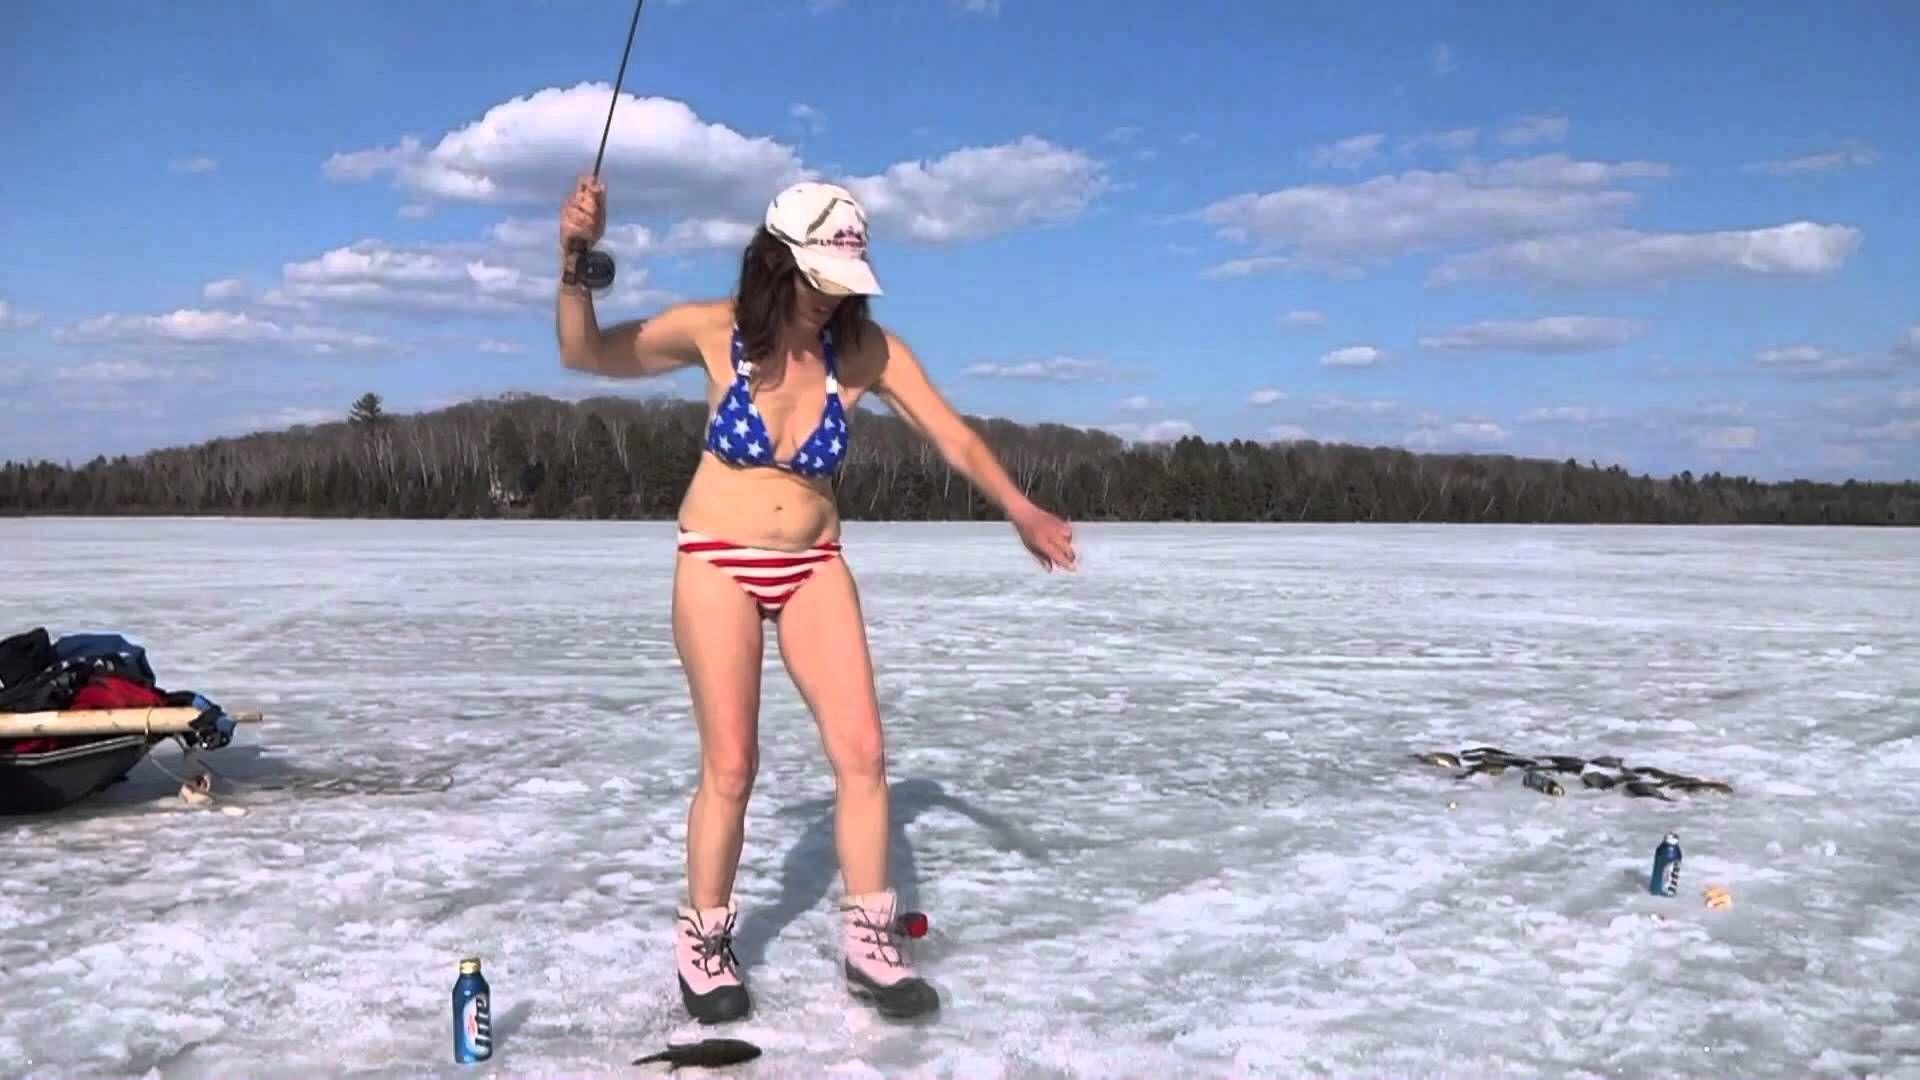 Hot women in bikinis fishing google search fishing for Women fishing in bikinis